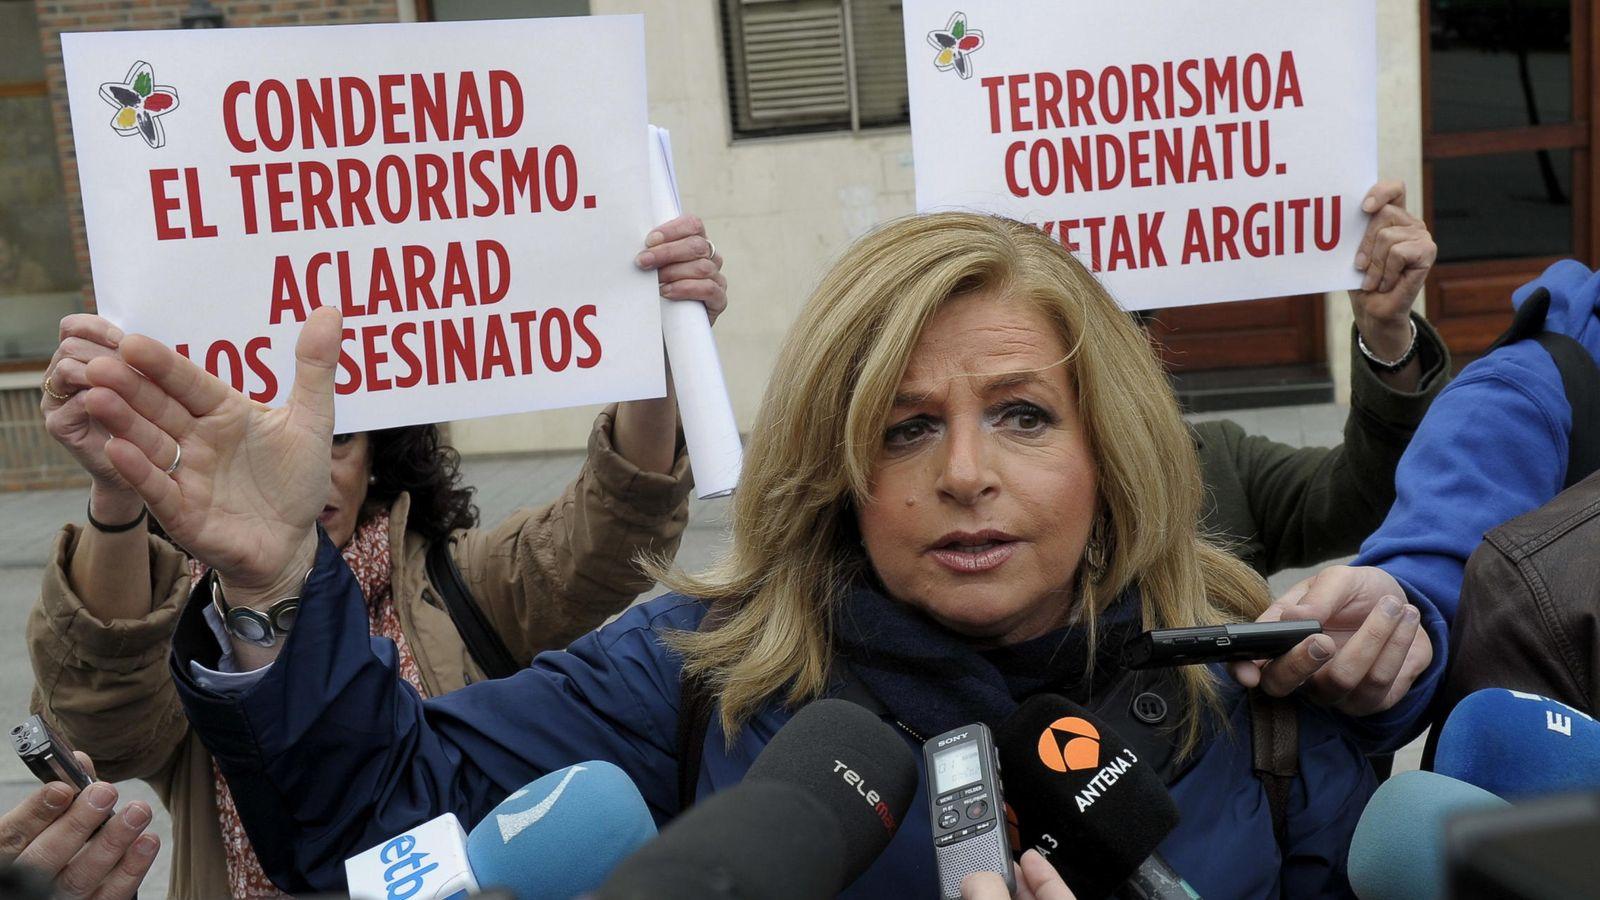 Foto: La presidenta del Colectivo de Víctimas del Terrorismo en el País Vasco (Covite), Consuelo Ordóñez. (EFE)